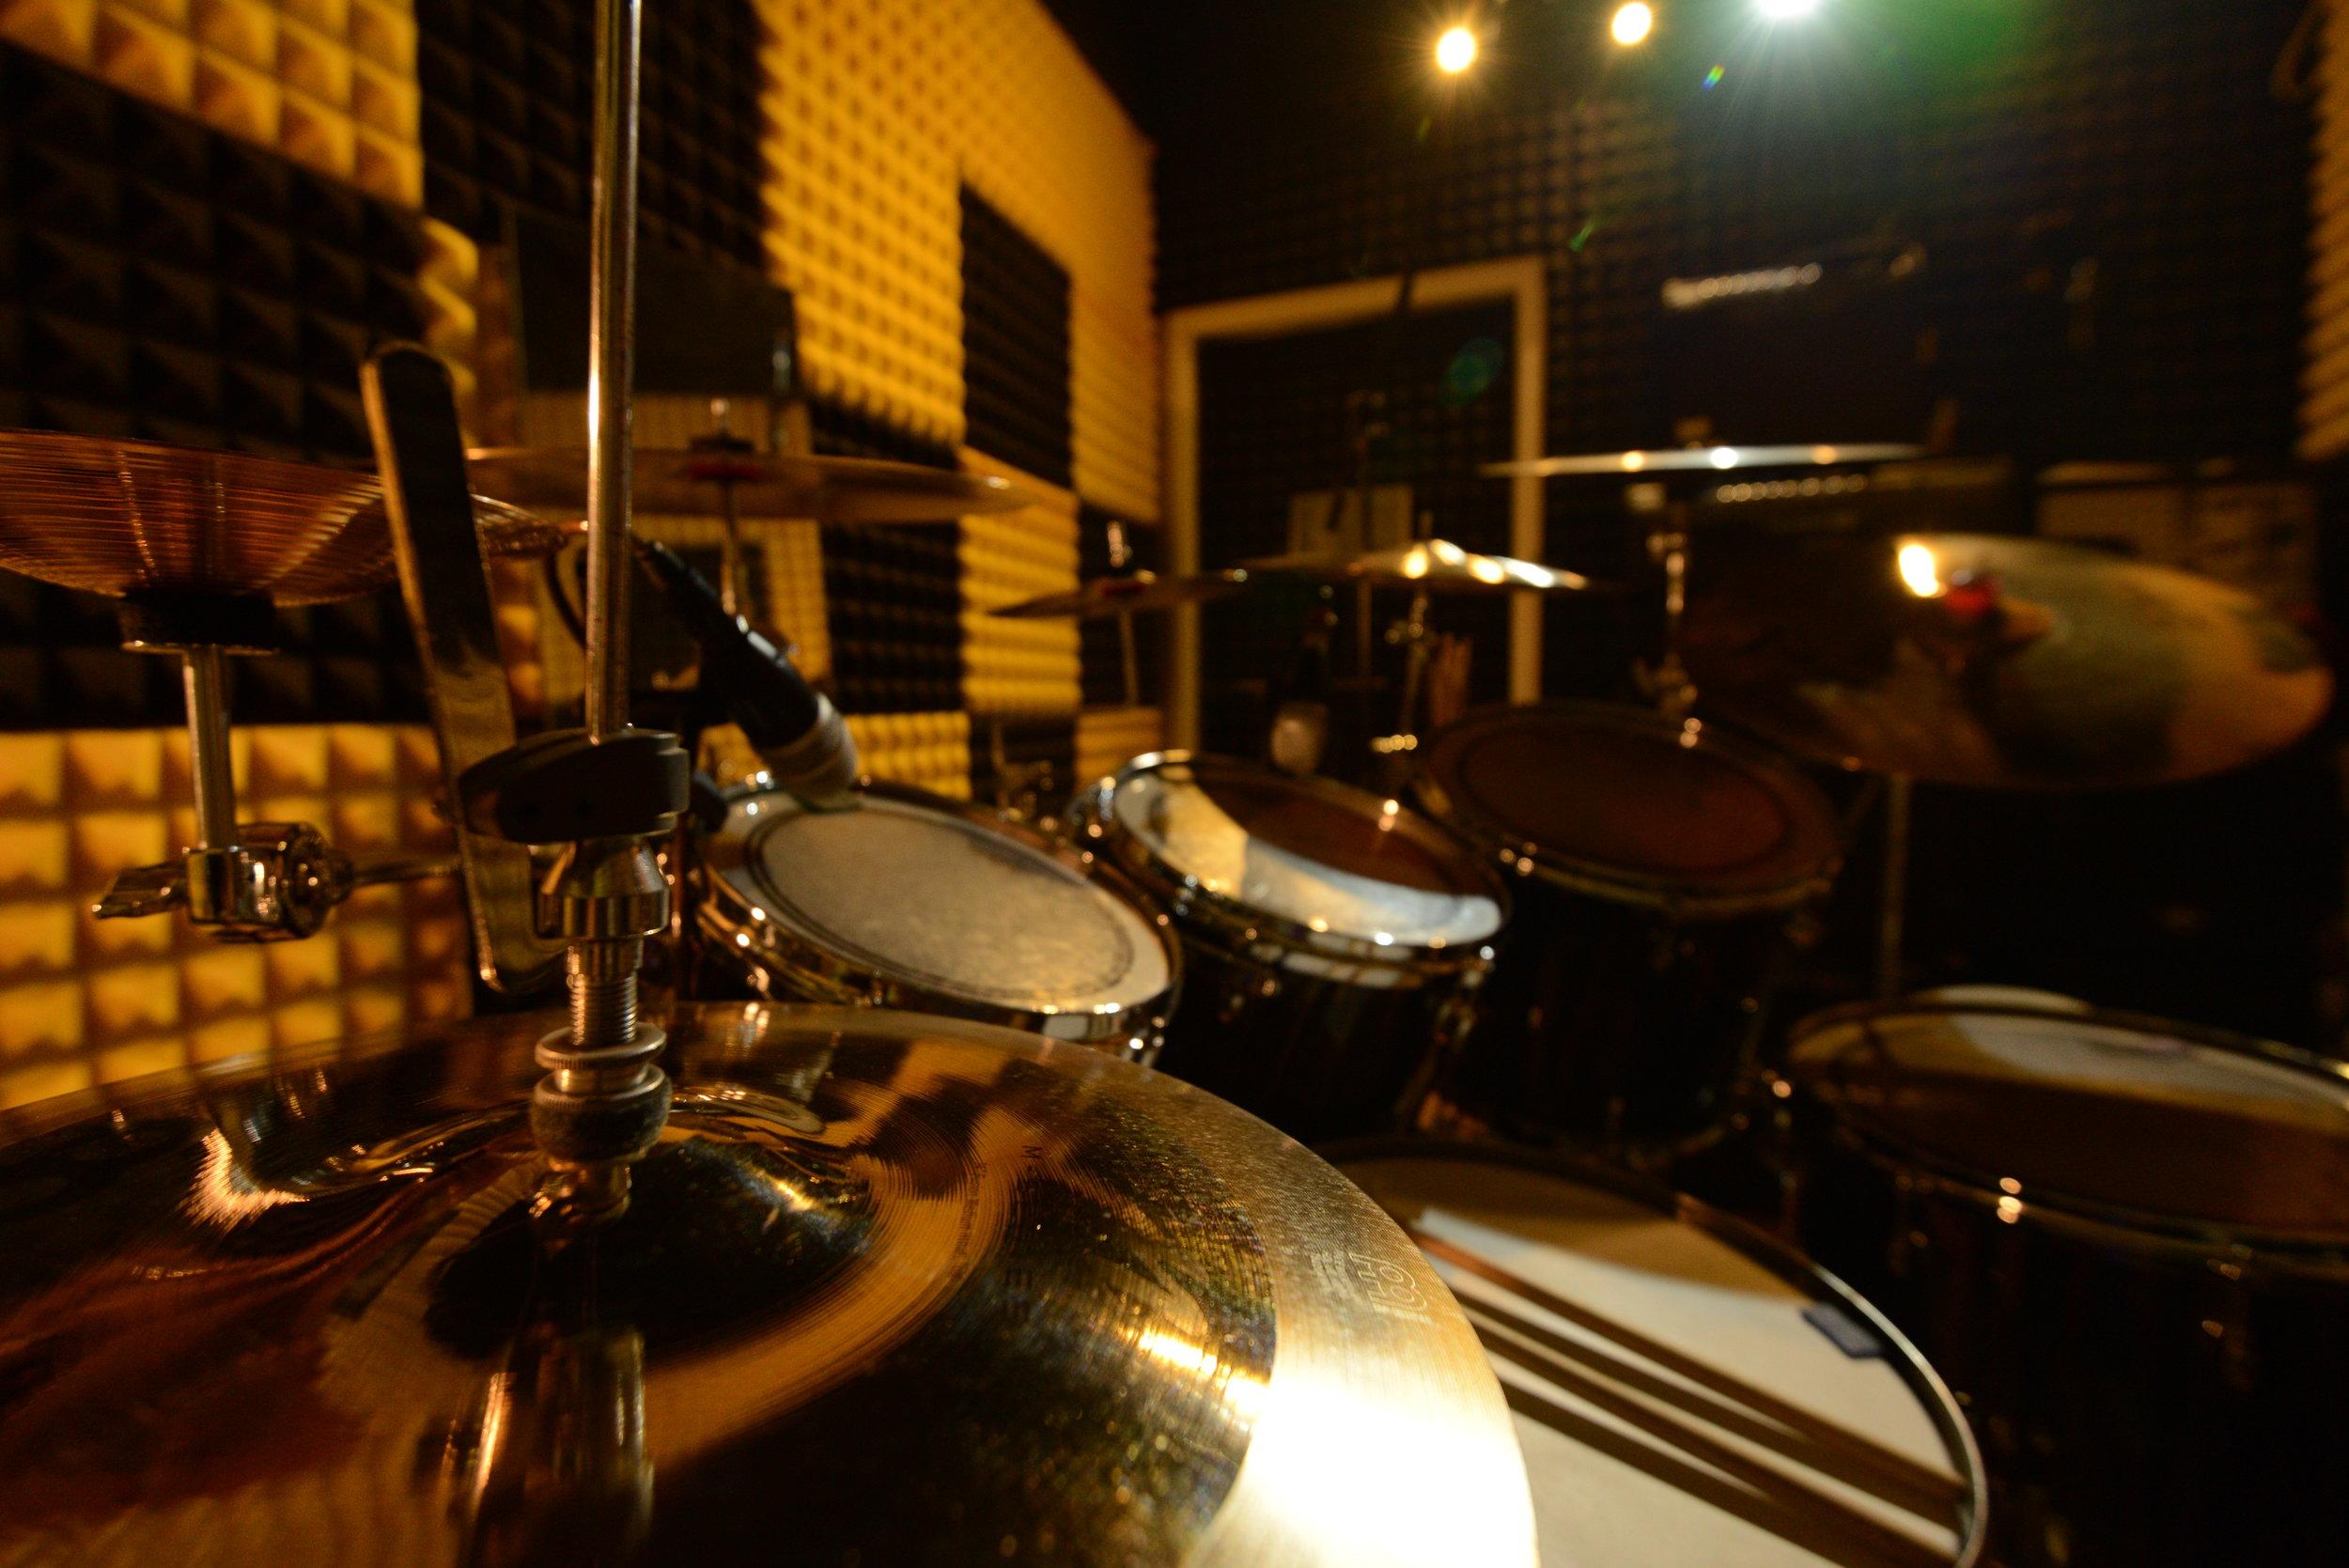 鼓室環境 - 主要教學地點位於 火炭坳背彎街 樂器設備完善, 選用上等器材, 環境舒適, 並有多個房間可供使用。